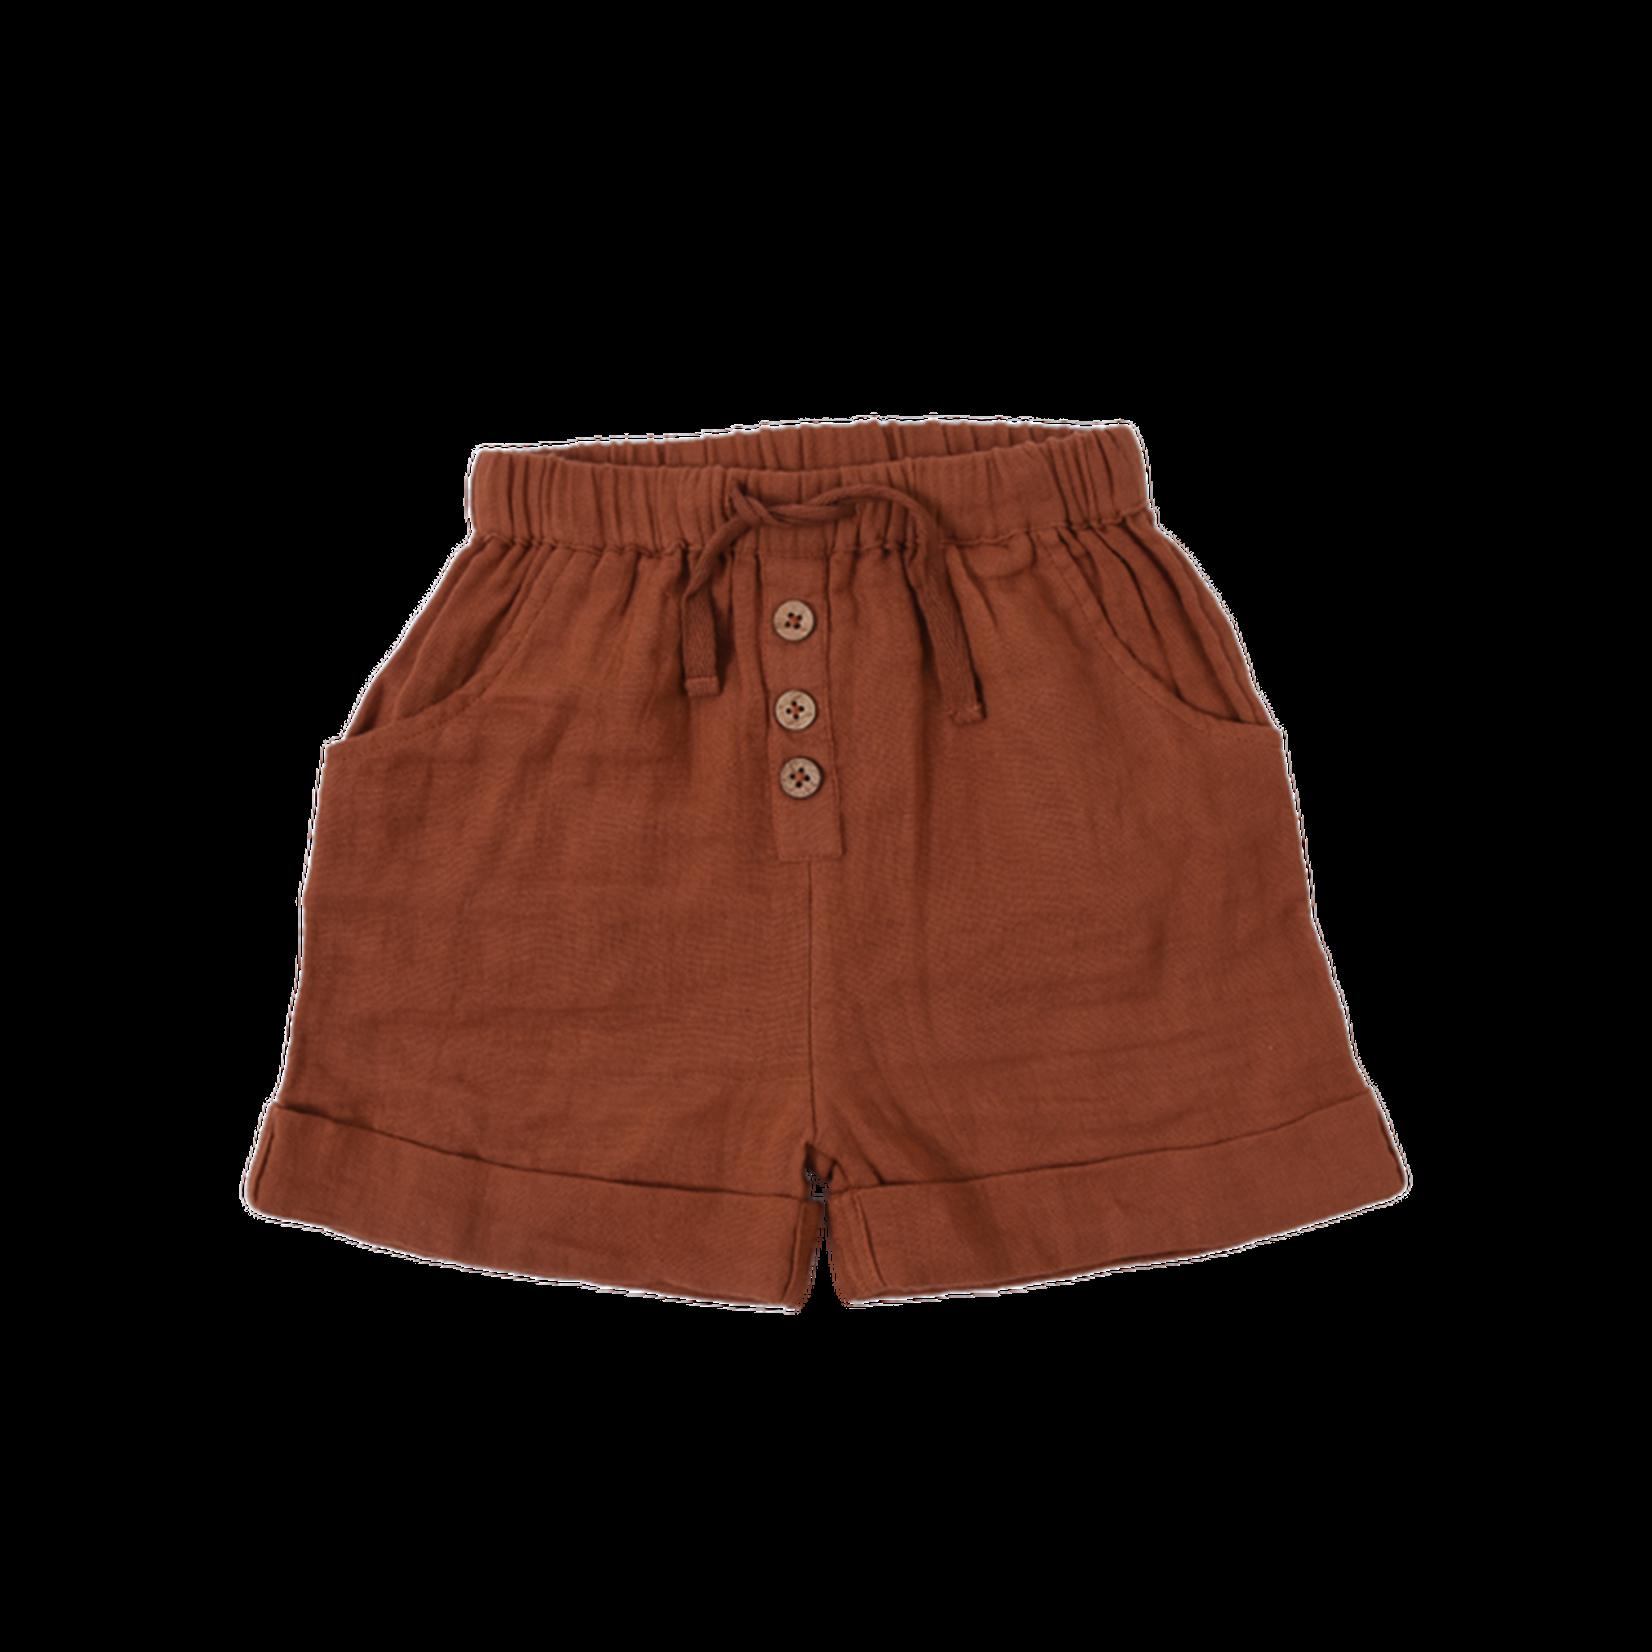 Babu Organic Muslin Cuff Shorts - Brick